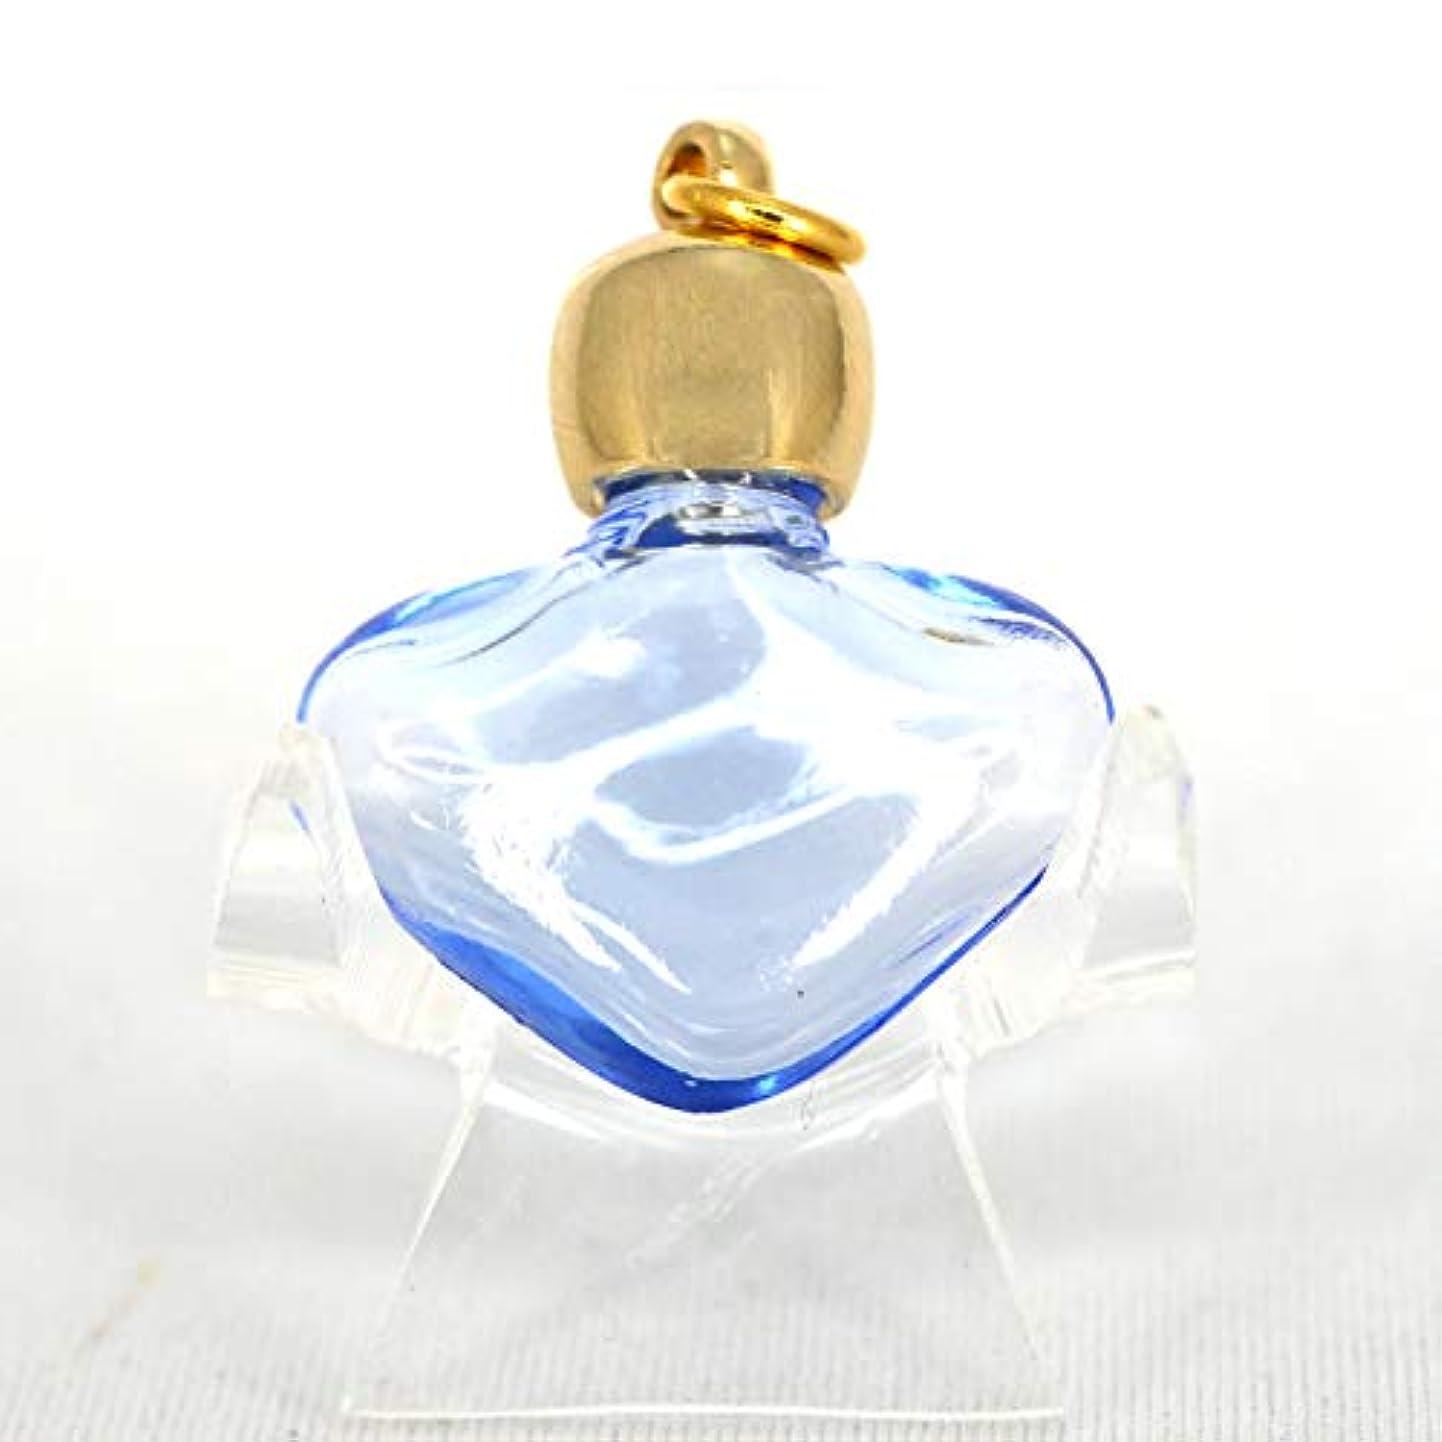 引き出す指紋力強いミニ香水瓶 アロマペンダントトップ ハートブルー(透明青)0.8ml?ゴールド?穴あきキャップ、パッキン付属【アロマオイル?メモリーオイル入れにオススメ】